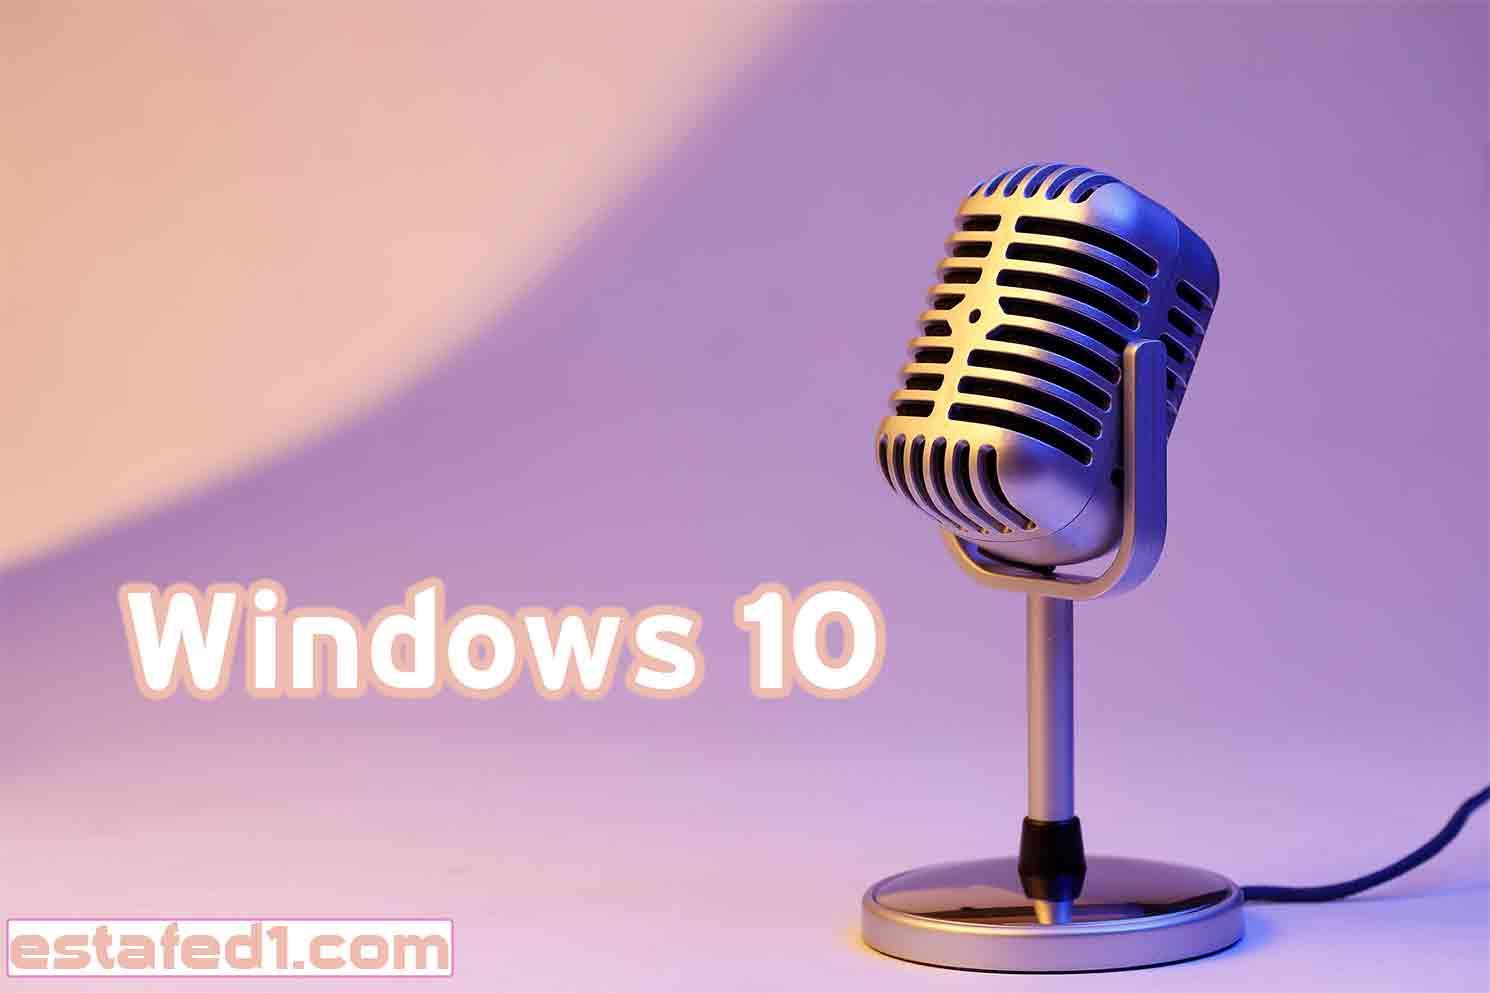 معرفة البرامج التي تستخدم الميكروفون في ويندوز 10